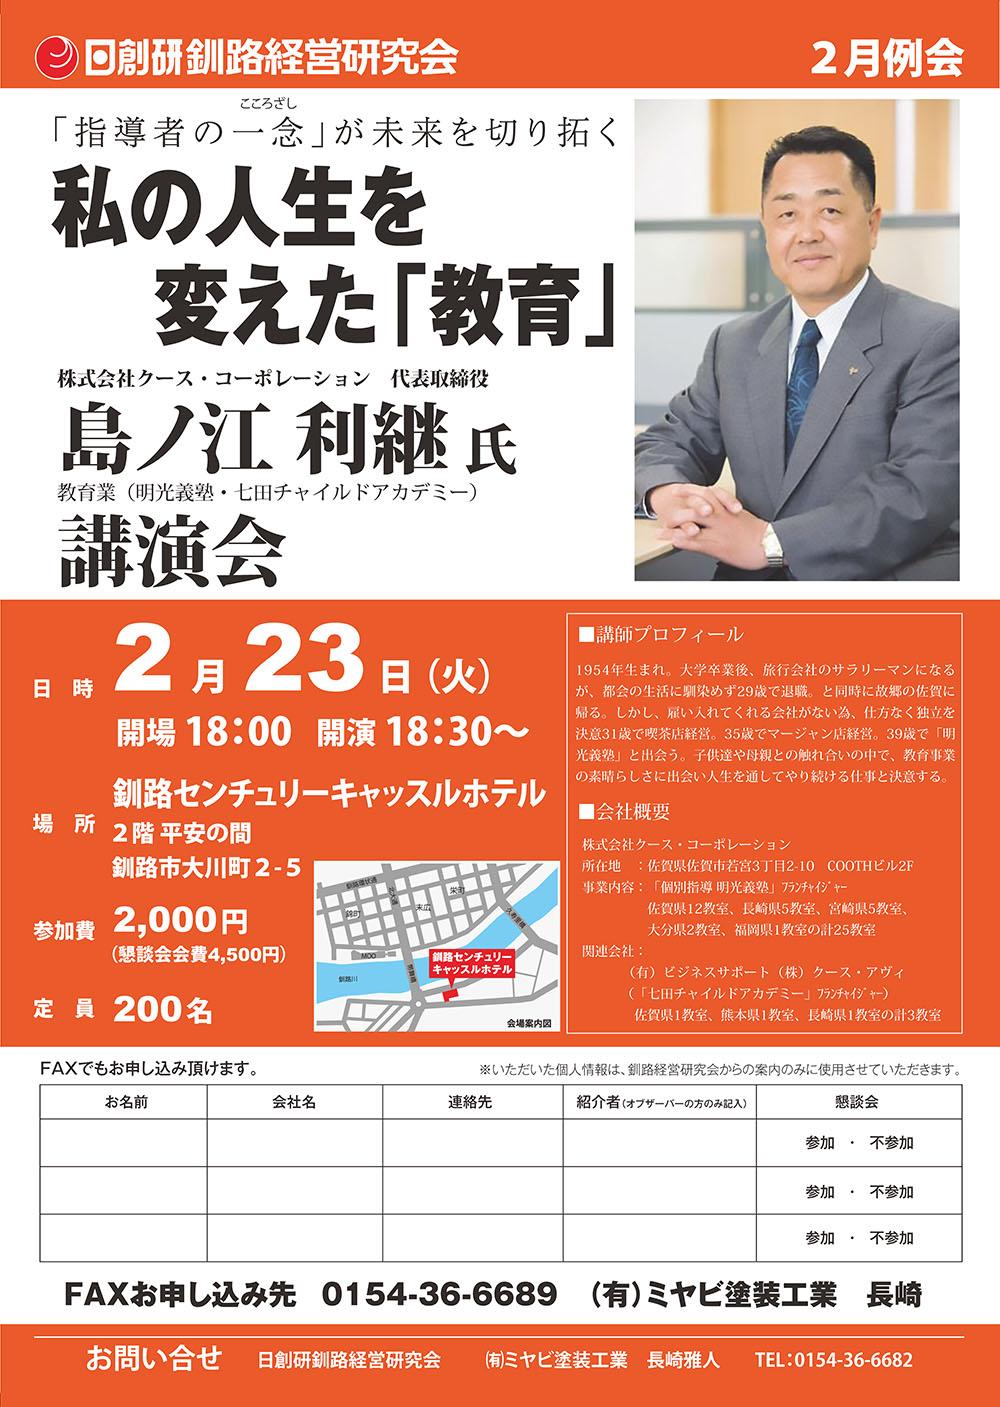 釧路経営研究会2月例会